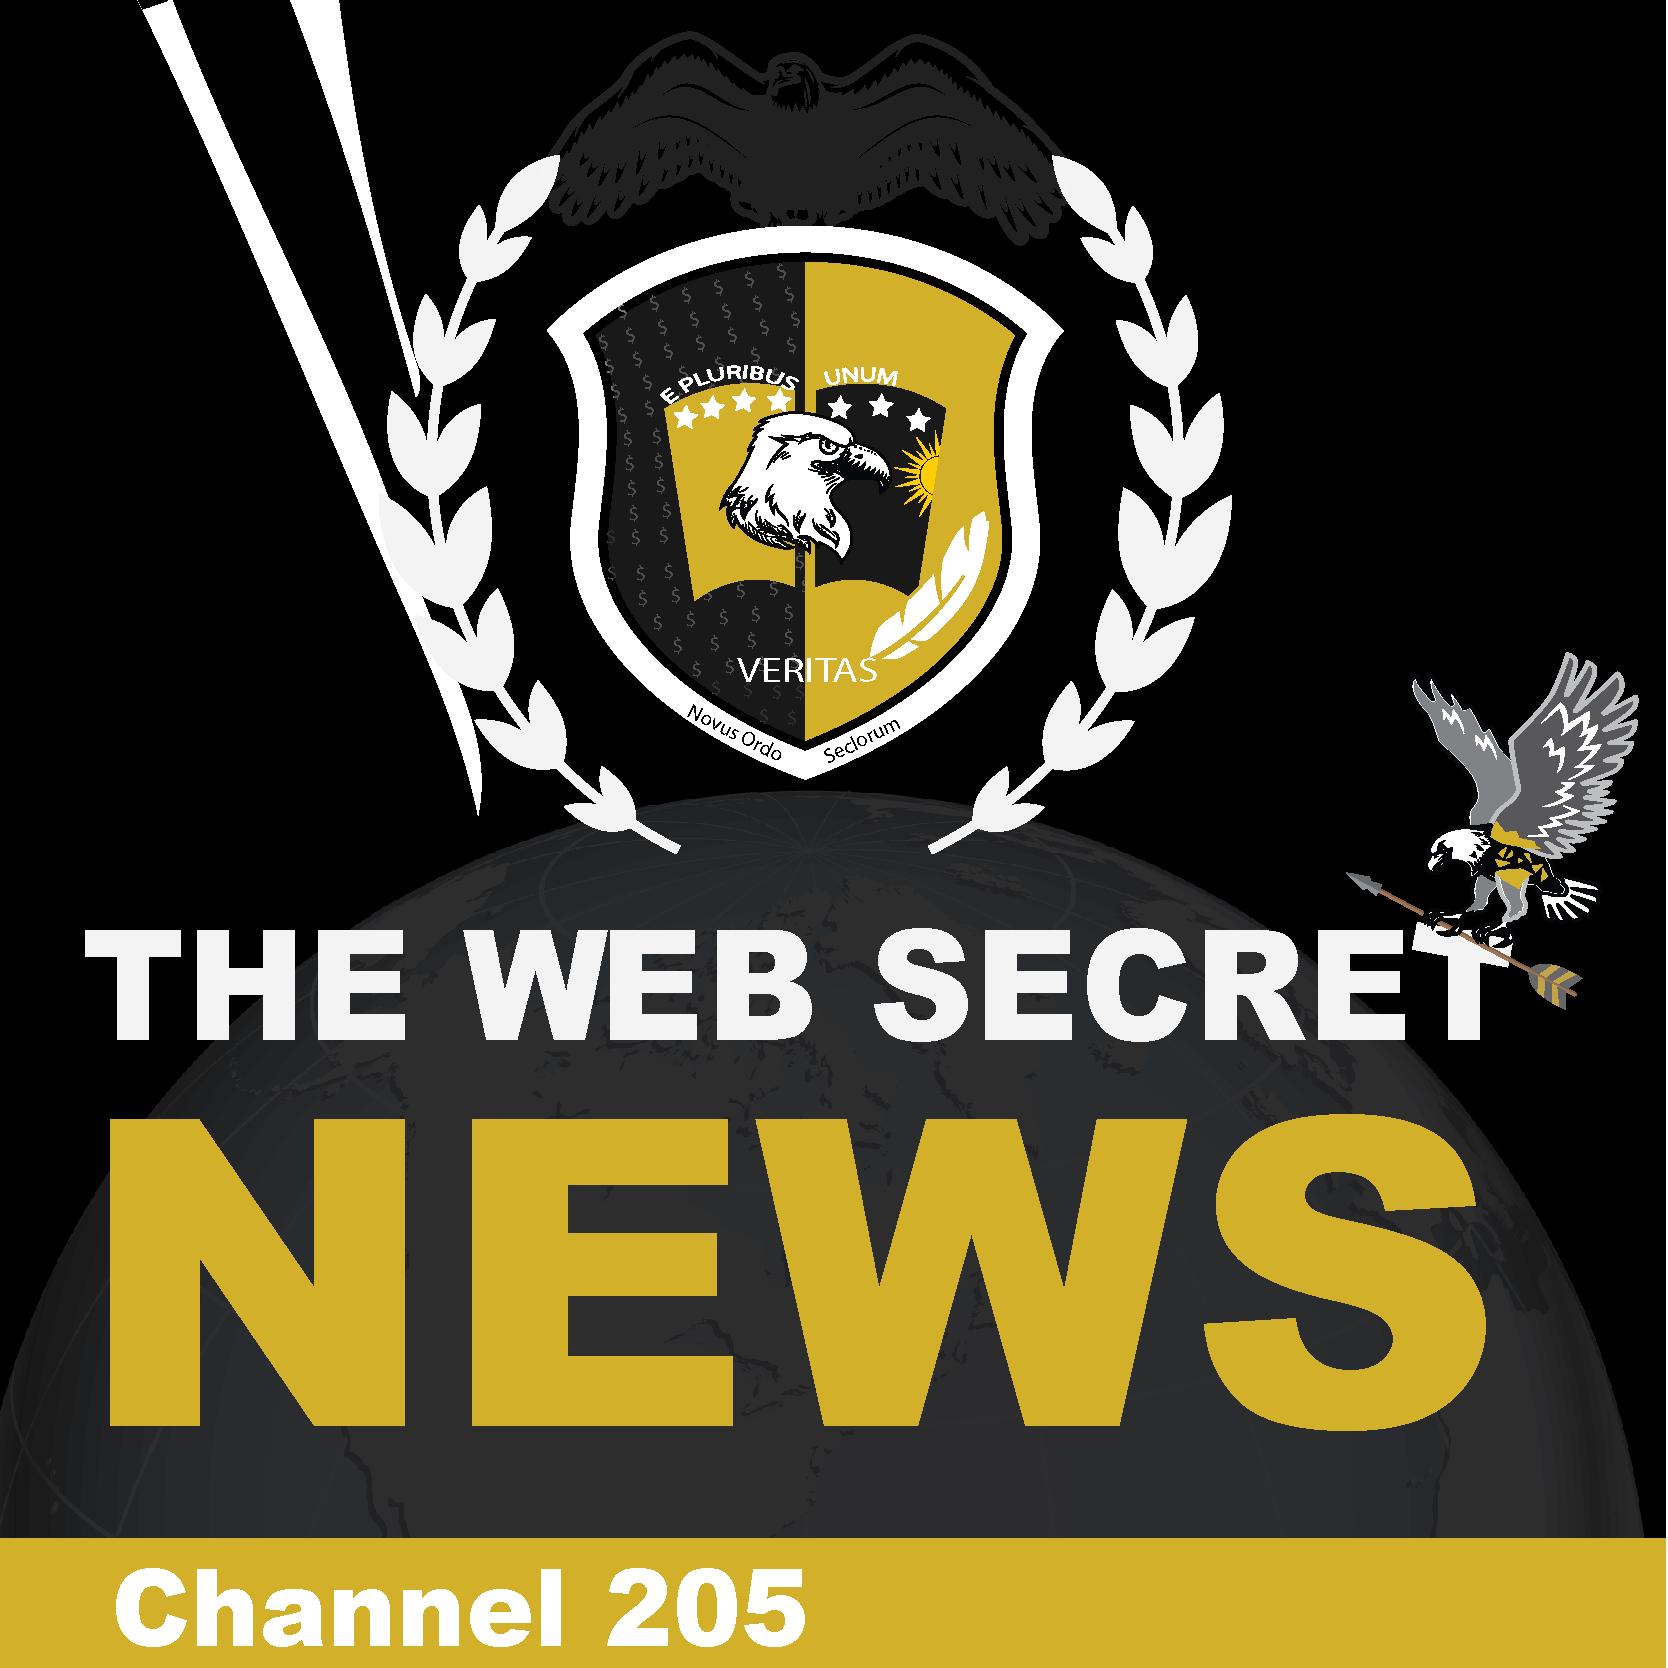 the web secret